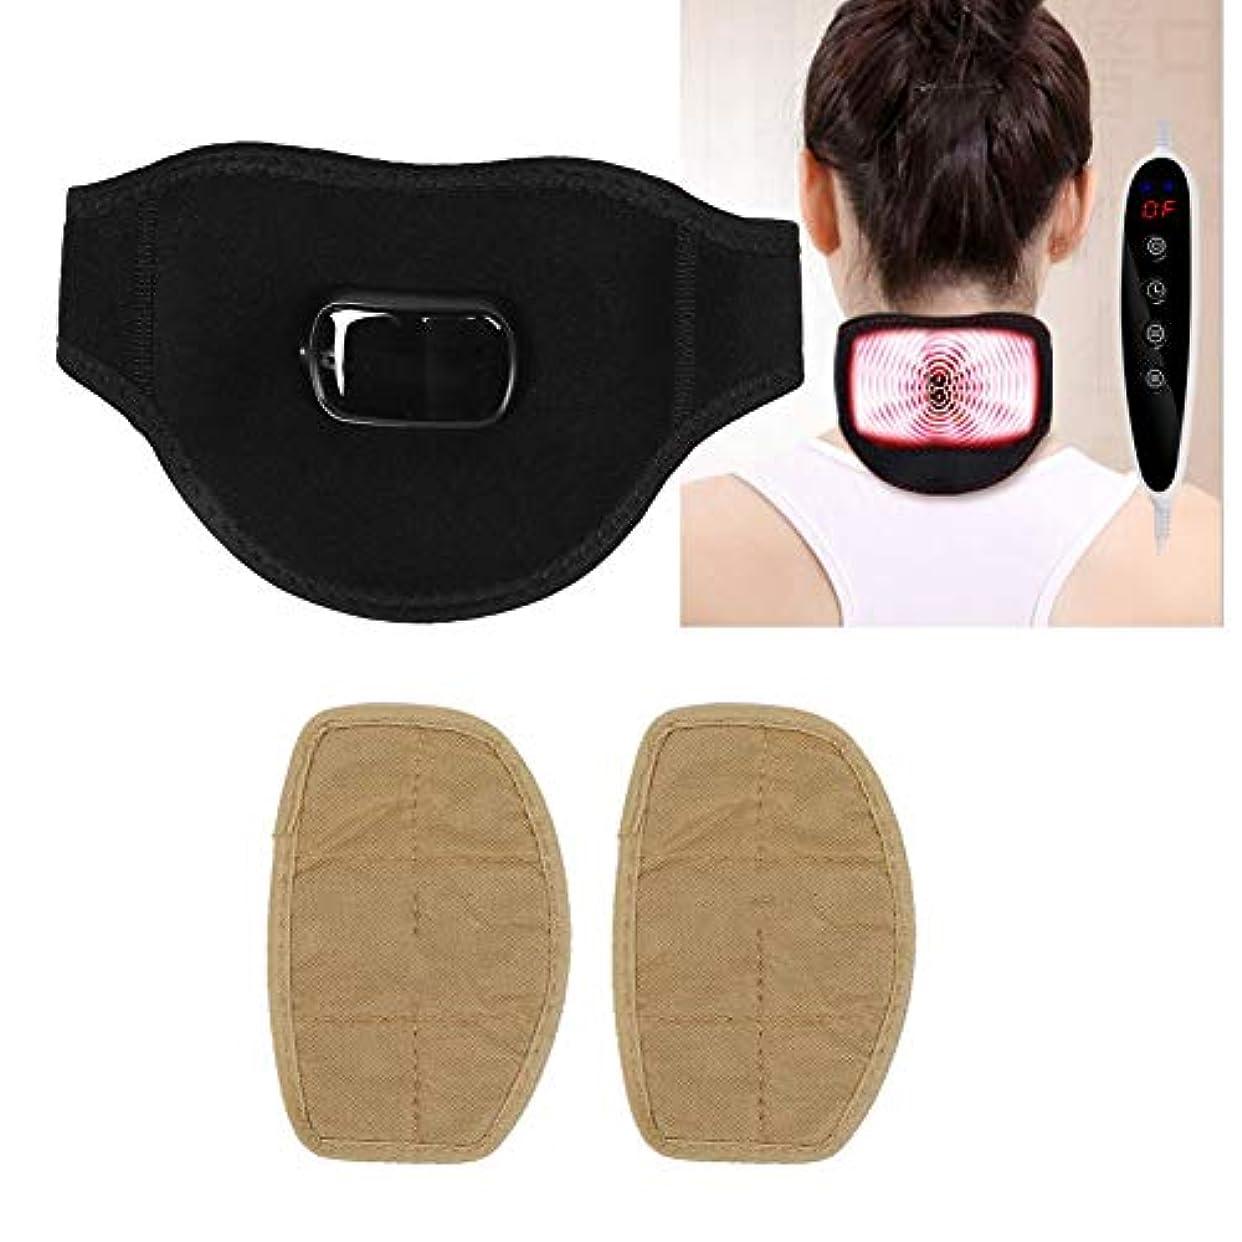 軽減赤ちゃん半球電動肩マッサージャー、USBヘルスを加熱するためのm付きの温かい首サポート、首の損傷または痛みに適しています